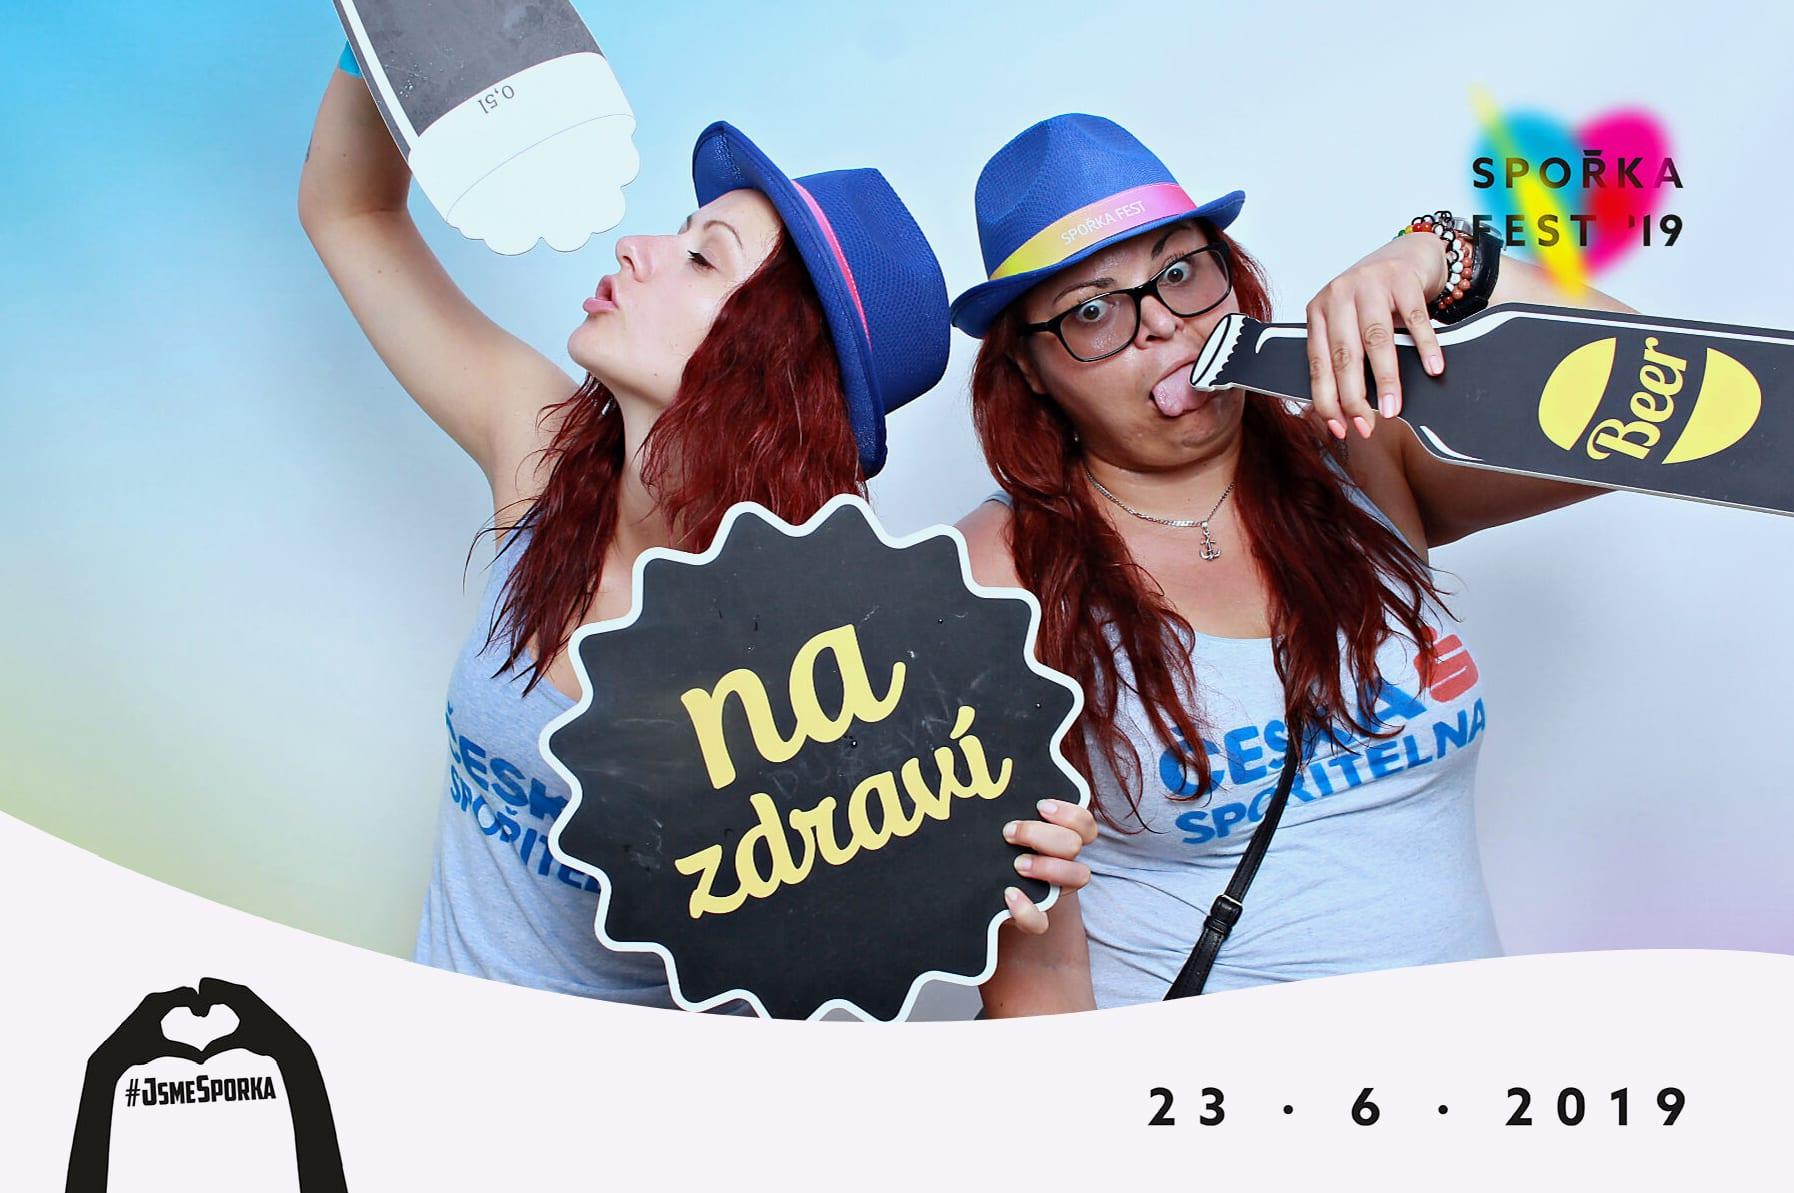 fotokoutek-festival-praha-sporka-fest-23-6-2019-630824